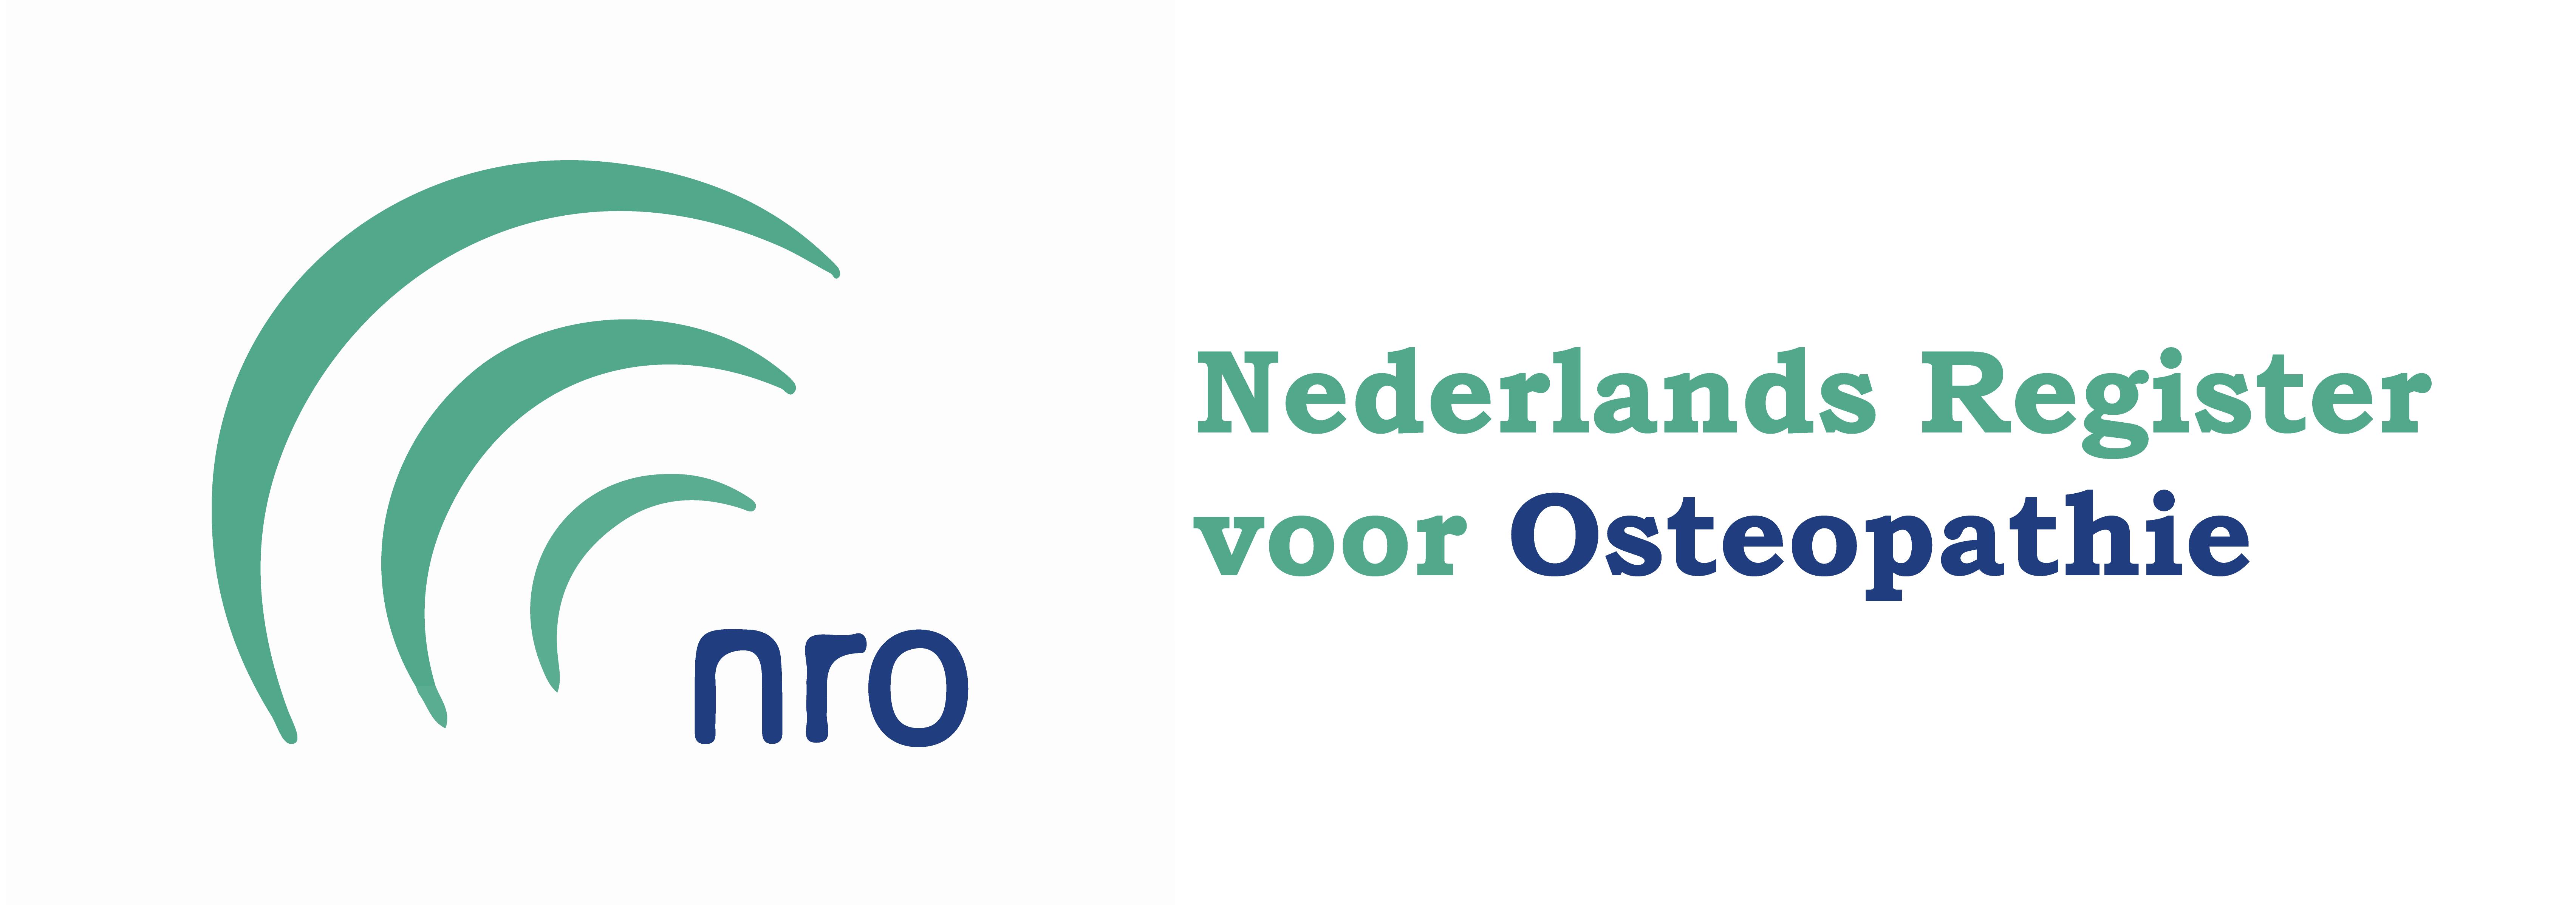 NRO logo-01